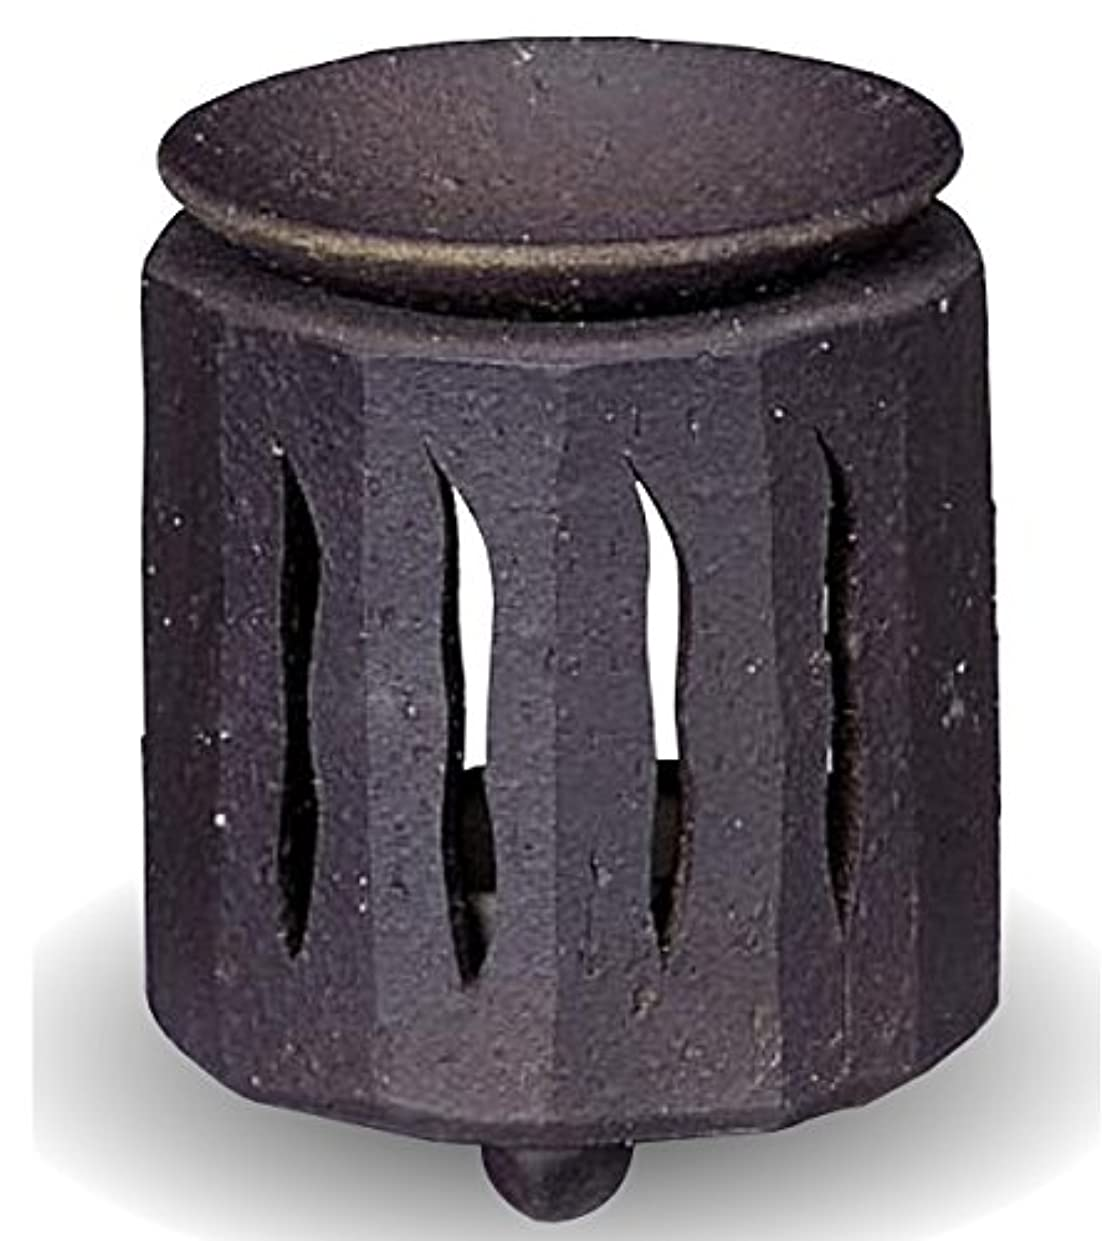 アラブサラボアルカトラズ島支払う常滑焼 茶香炉(アロマポット)径9×高さ11cm